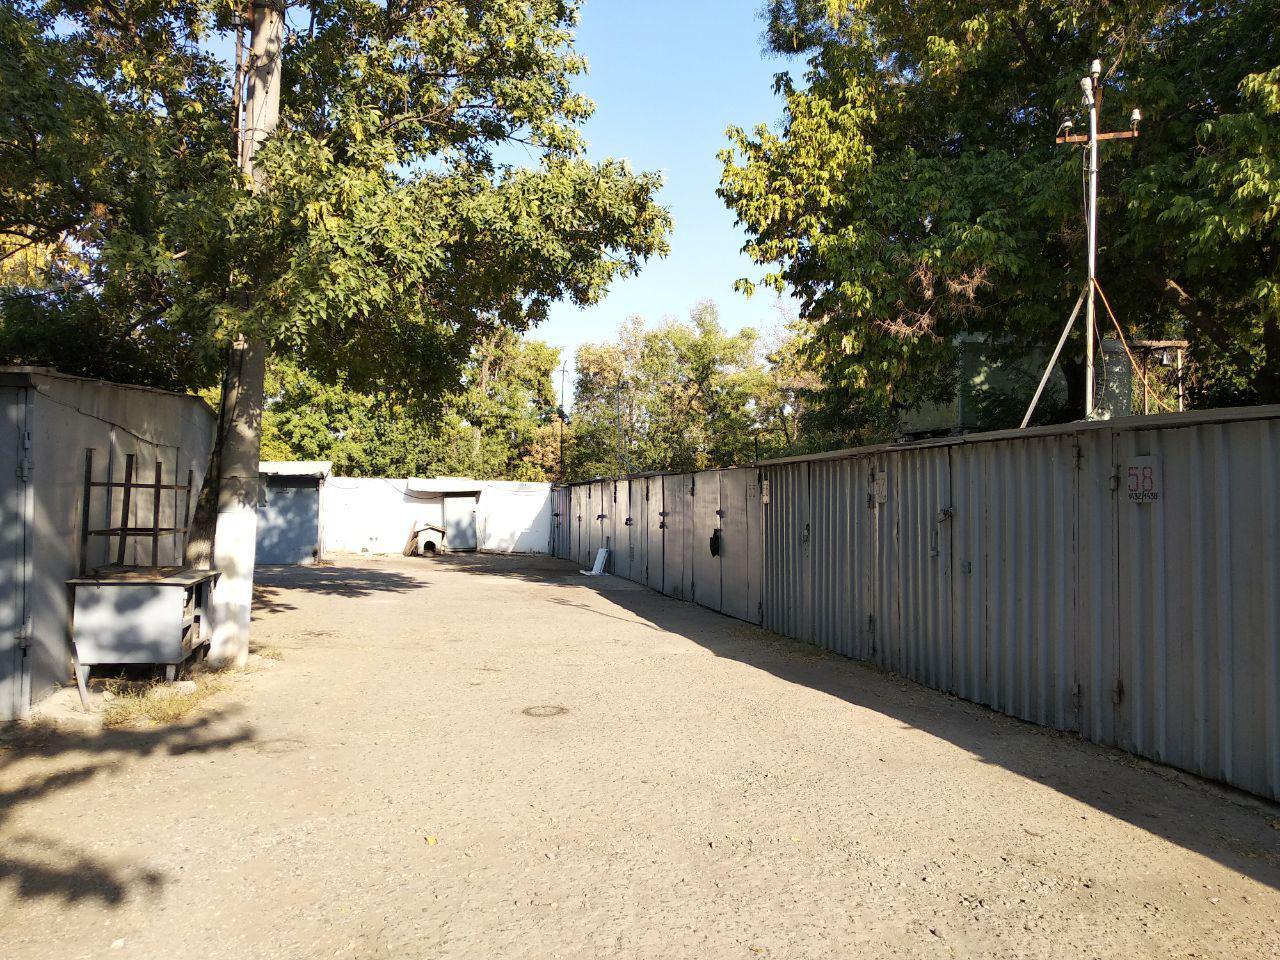 Продолжение «гаражной эпопеи»: хокимият без ведома автовладельцев отдал землю под строительство парковки